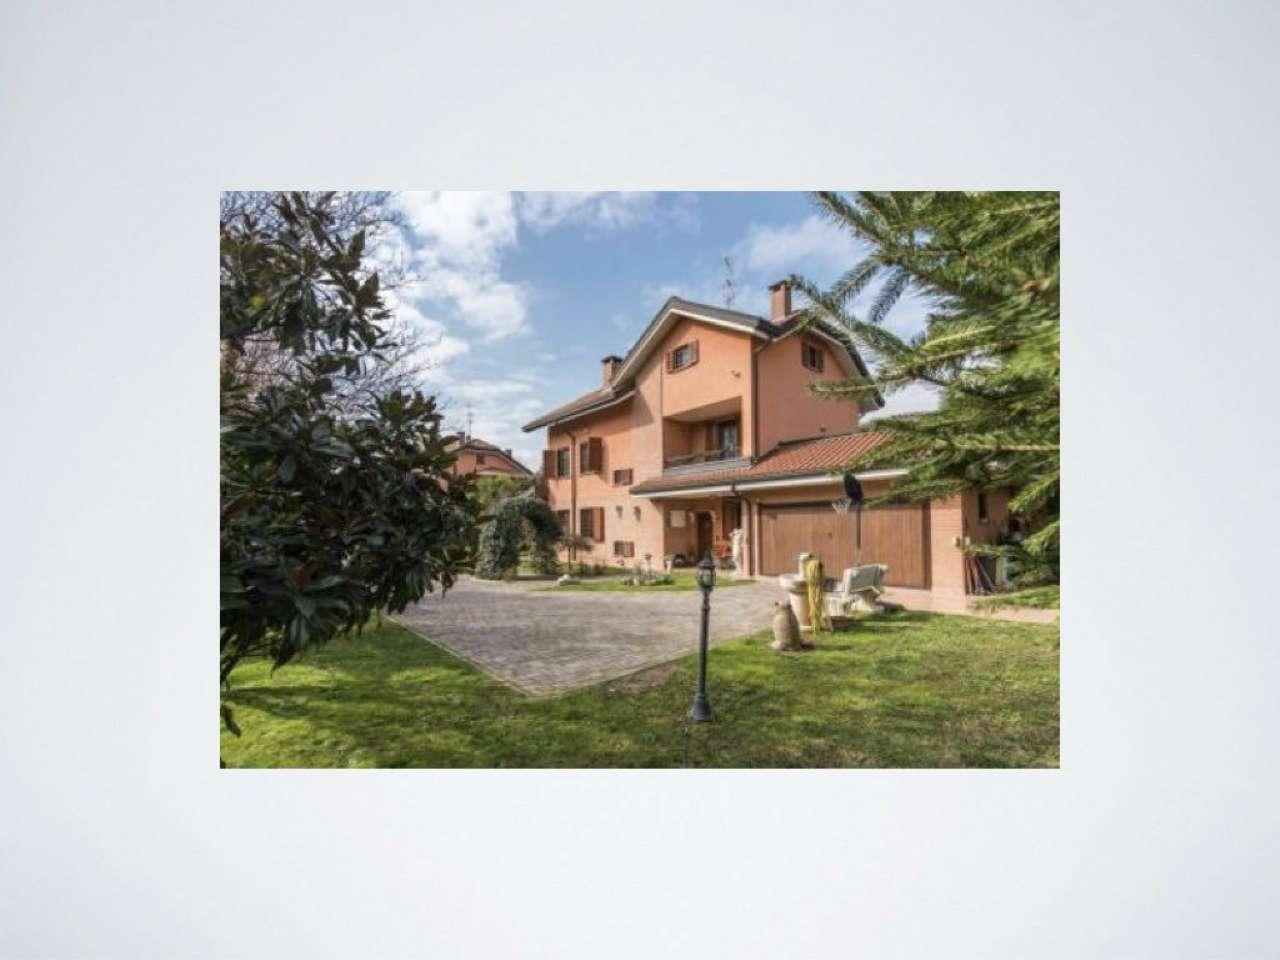 Villa in vendita a Segrate, 8 locali, prezzo € 1.600.000   CambioCasa.it